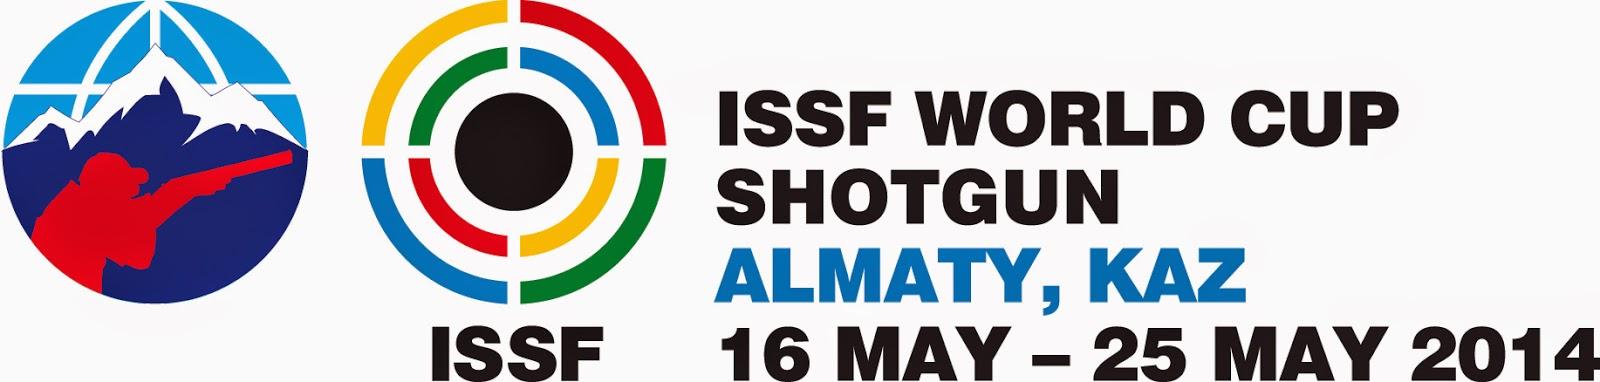 Cazaquistão recebe a Copa do Mundo ISSF pela 1ª vez; 6 brasileiros disputam a Fossa Olímpica e a Fossa Double